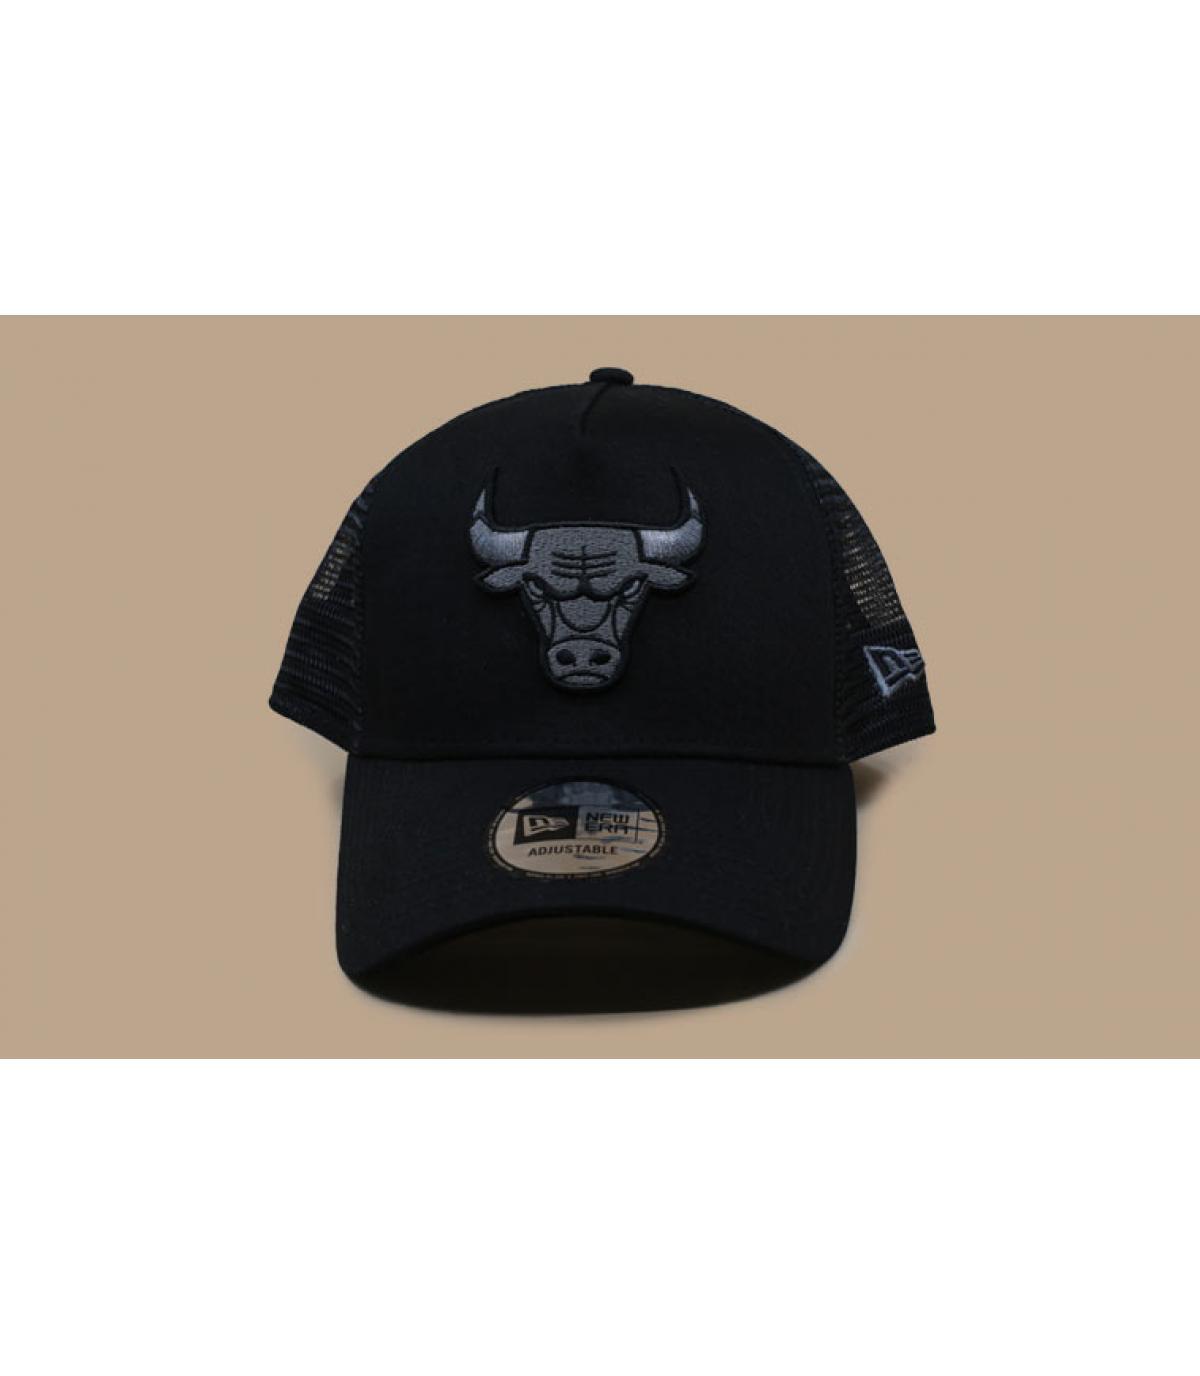 Détails Trucker BOB Bulls - image 3